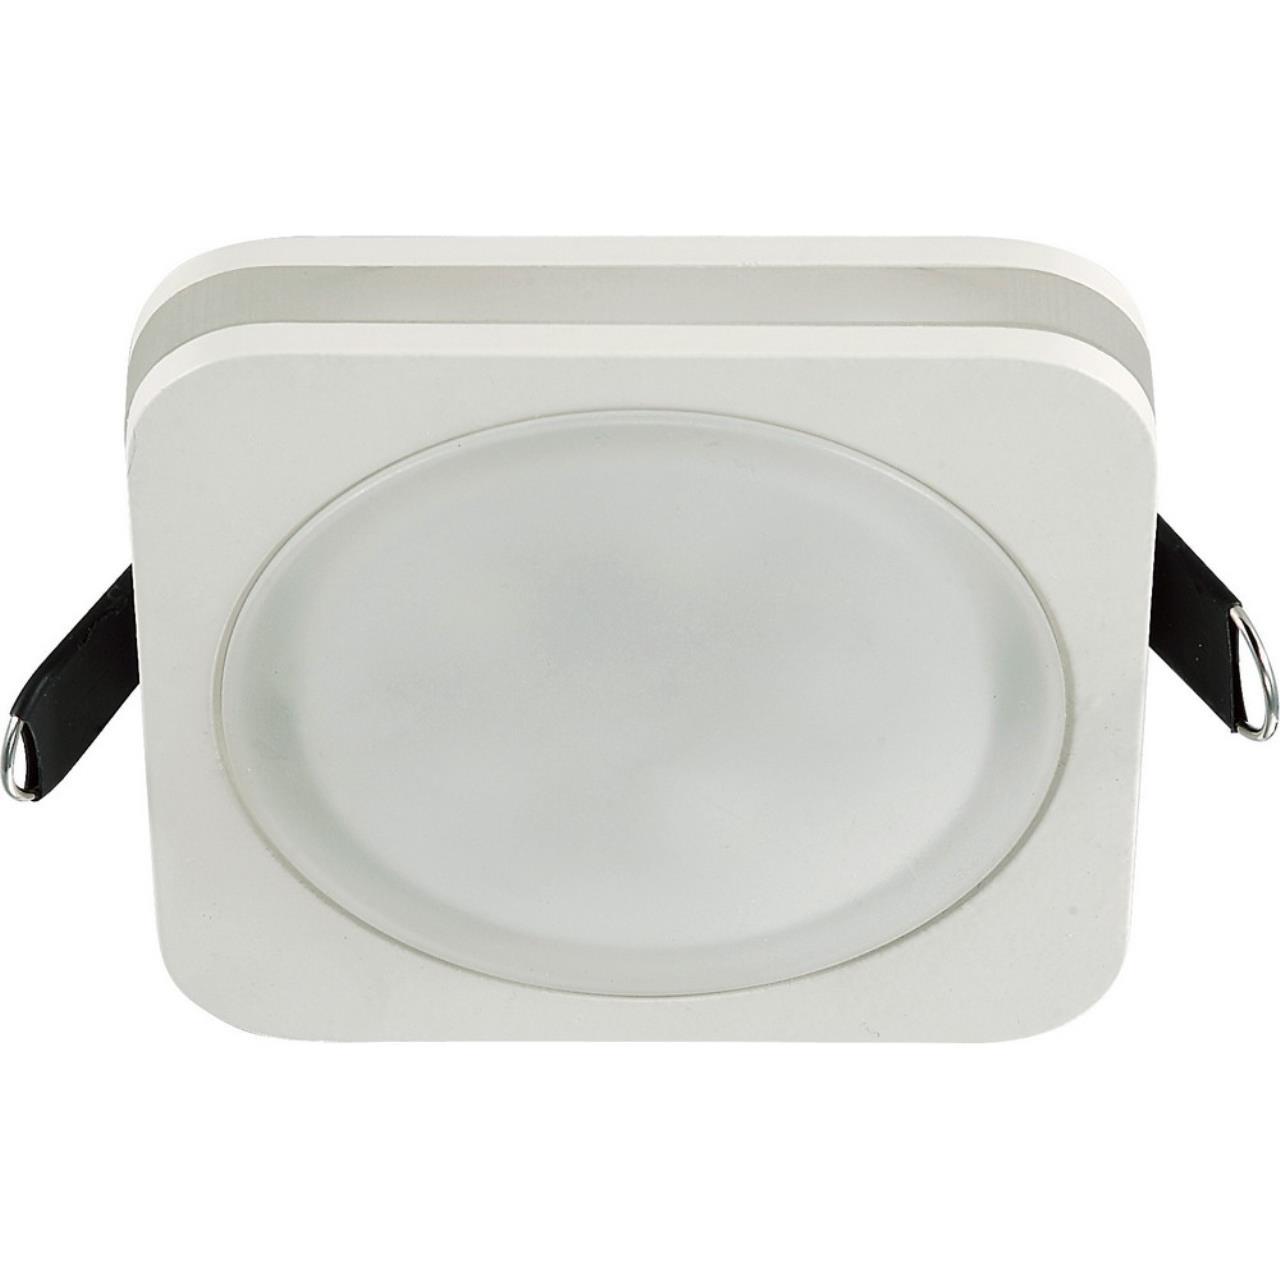 Встраиваемый-накладной светильник Aployt APL.0024.09.05